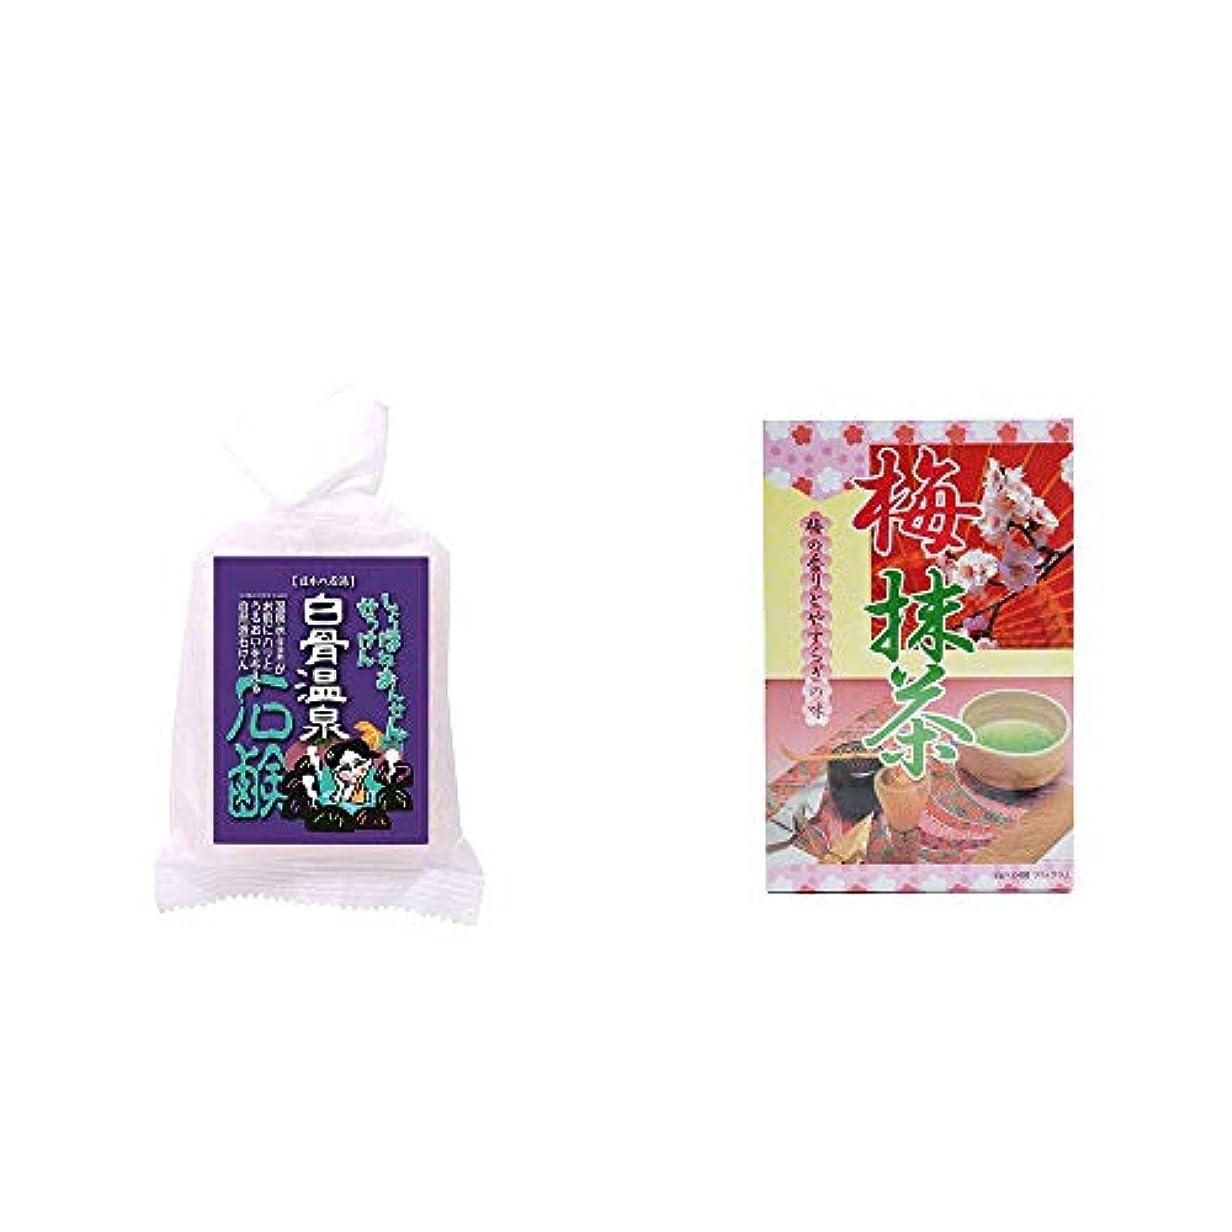 列挙する広告以降[2点セット] 信州 白骨温泉石鹸(80g)?梅抹茶[大](24袋)